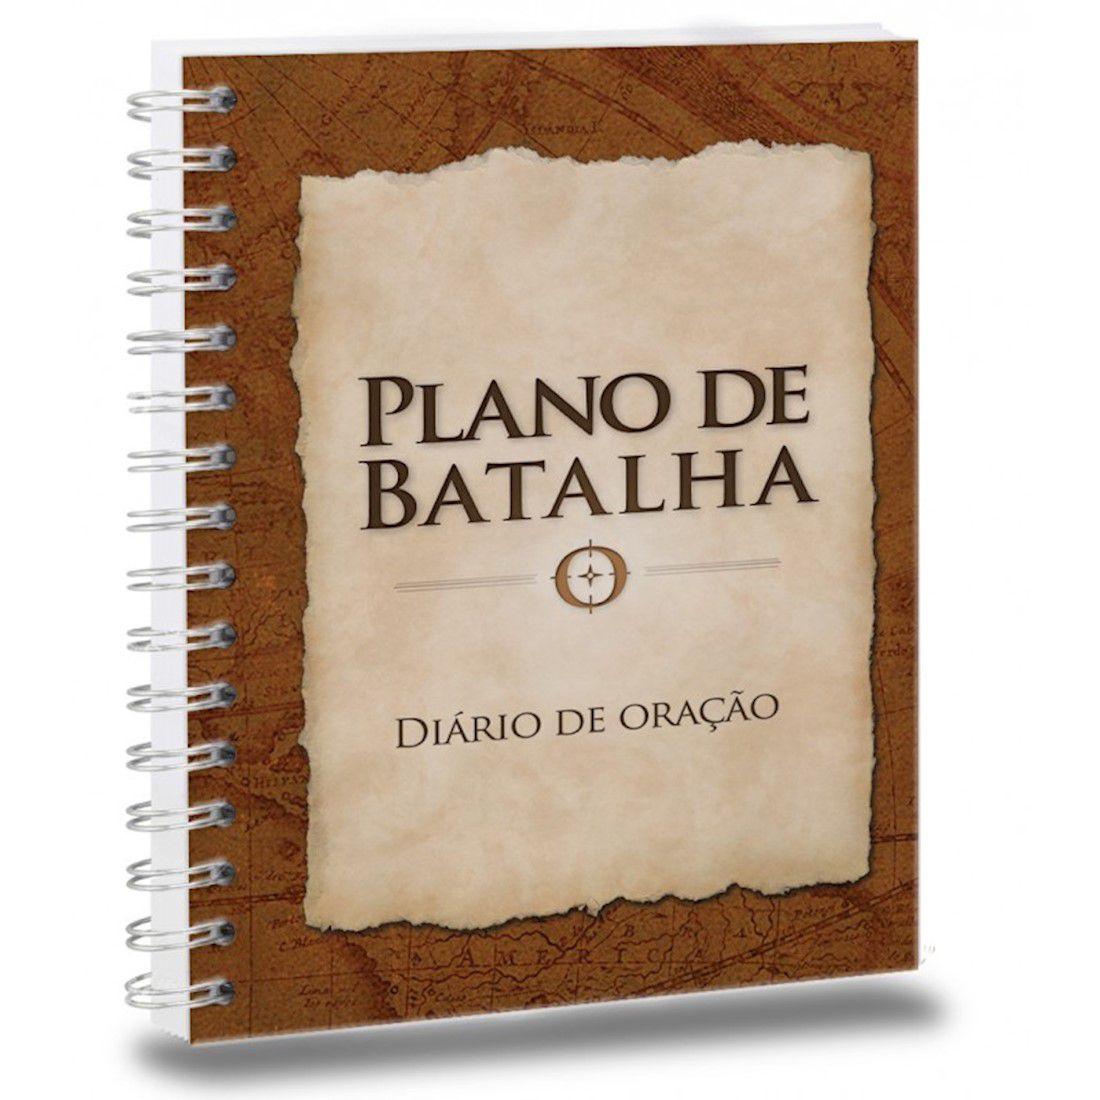 Livro Plano de Batalha - Diário de Oração